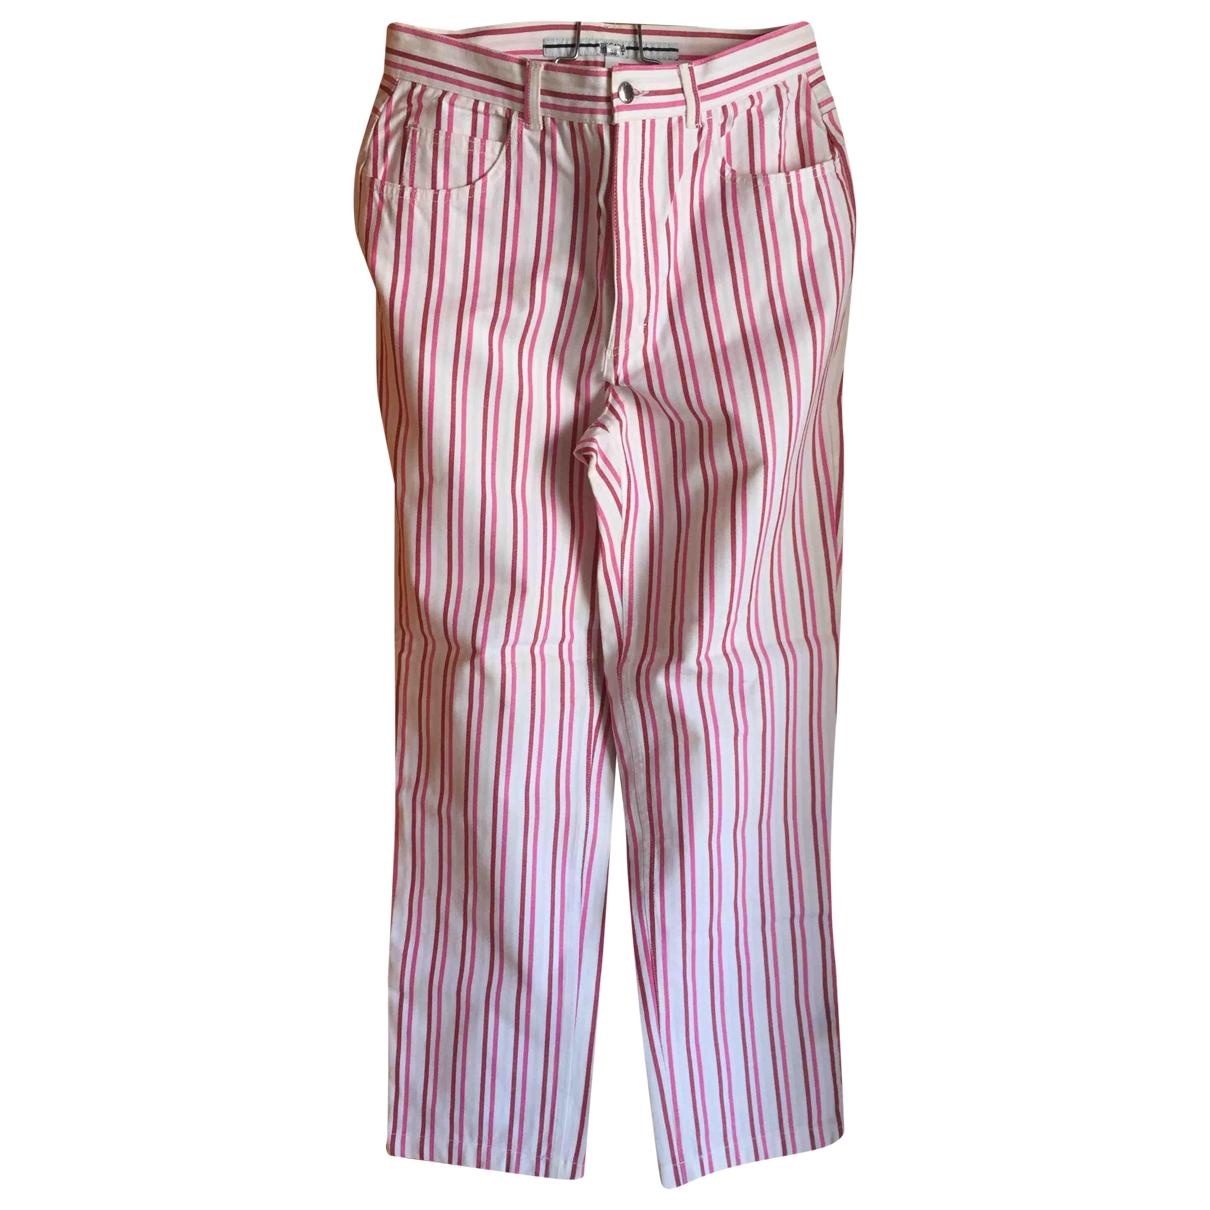 Escada \N White Cotton - elasthane Jeans for Women 38 FR